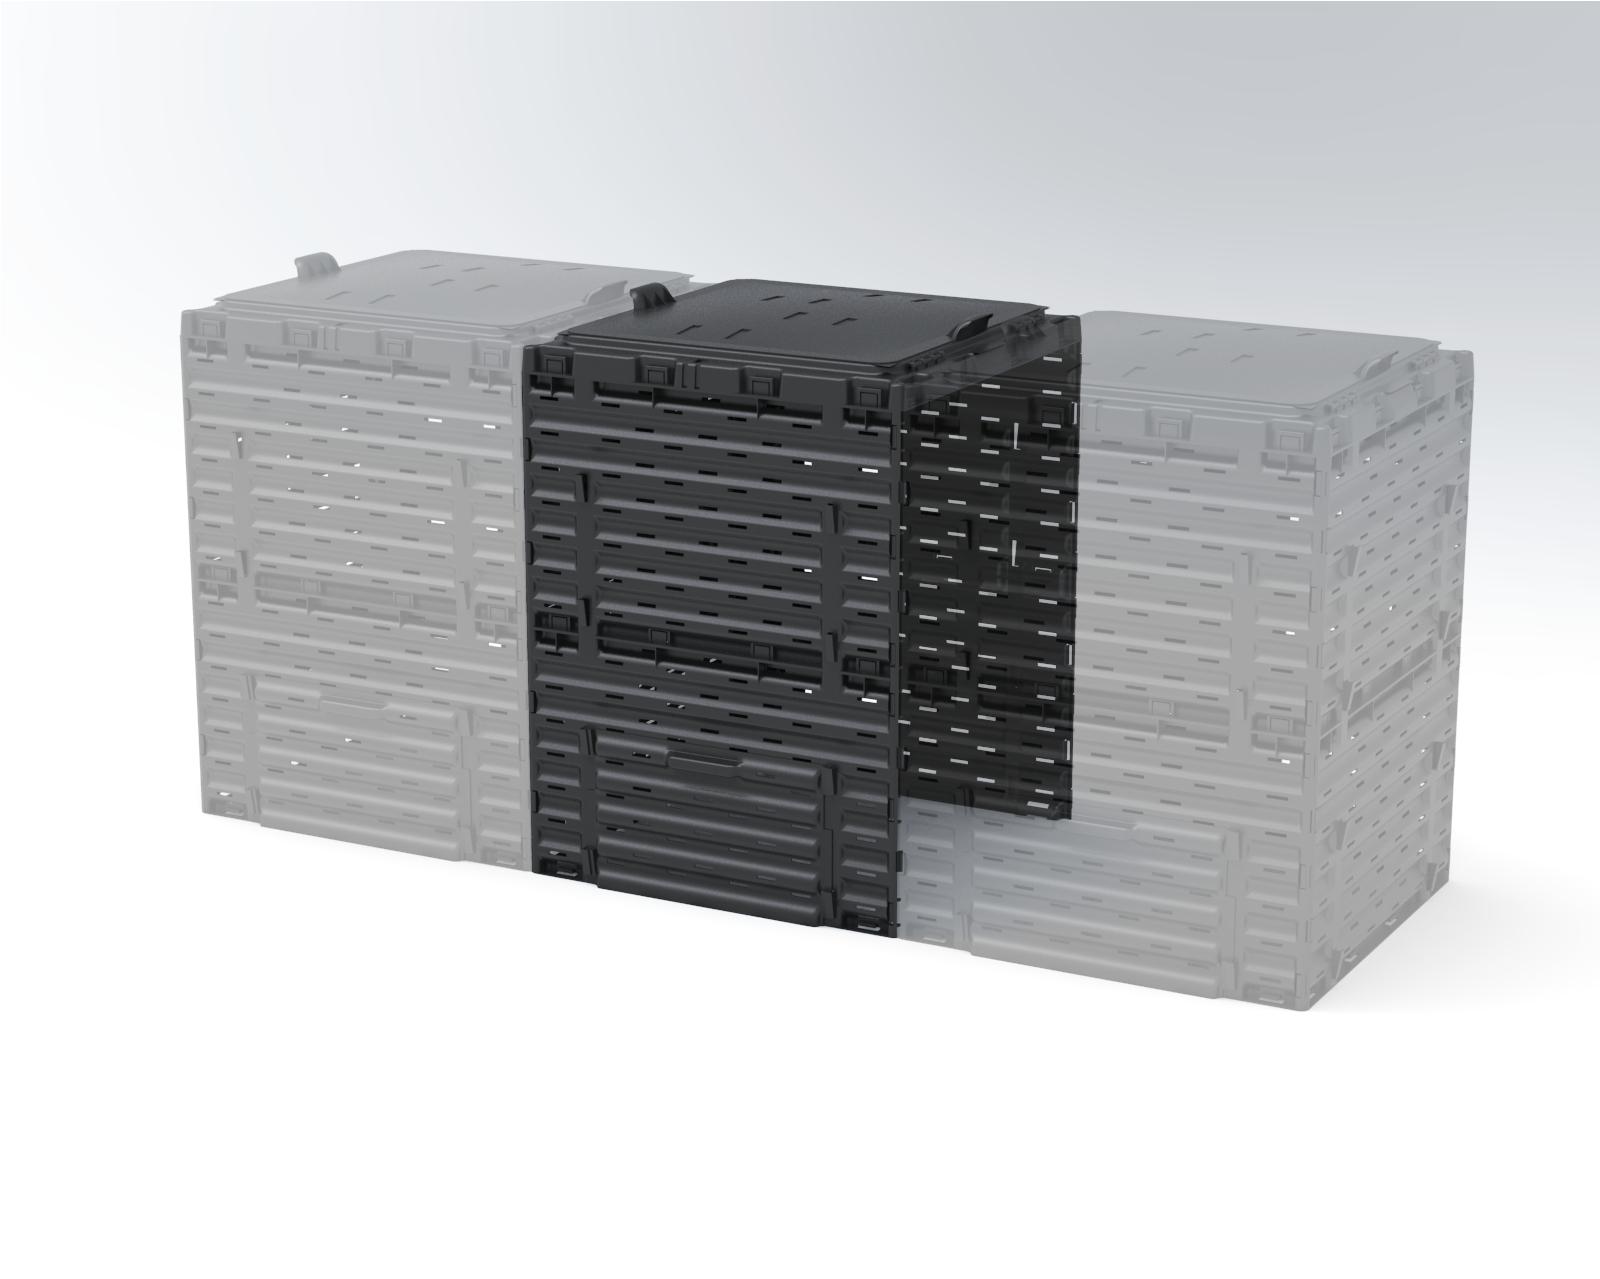 Соединитель для компостера садового Piteco 300 л K1030 чёрный, Биотуалеты - арт. 829310225